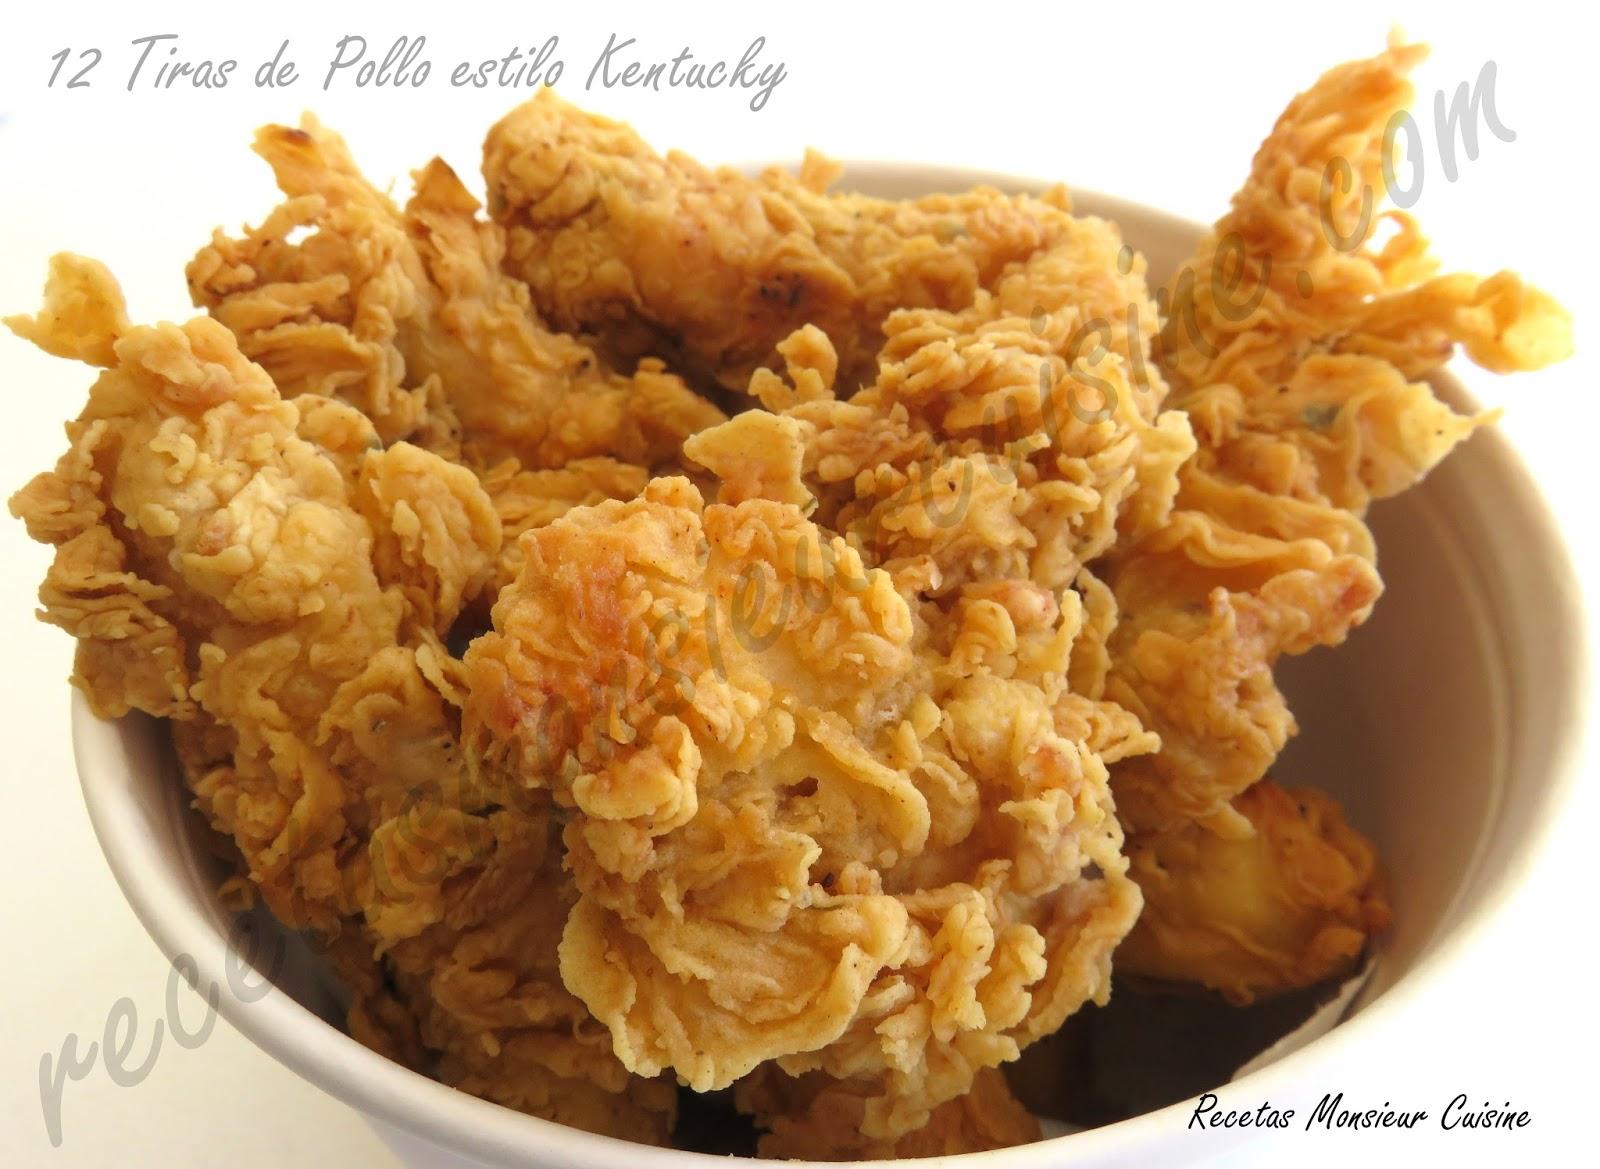 Recetas Monsieur Cuisine 12 Tiras De Pollo Estilo Kentucky